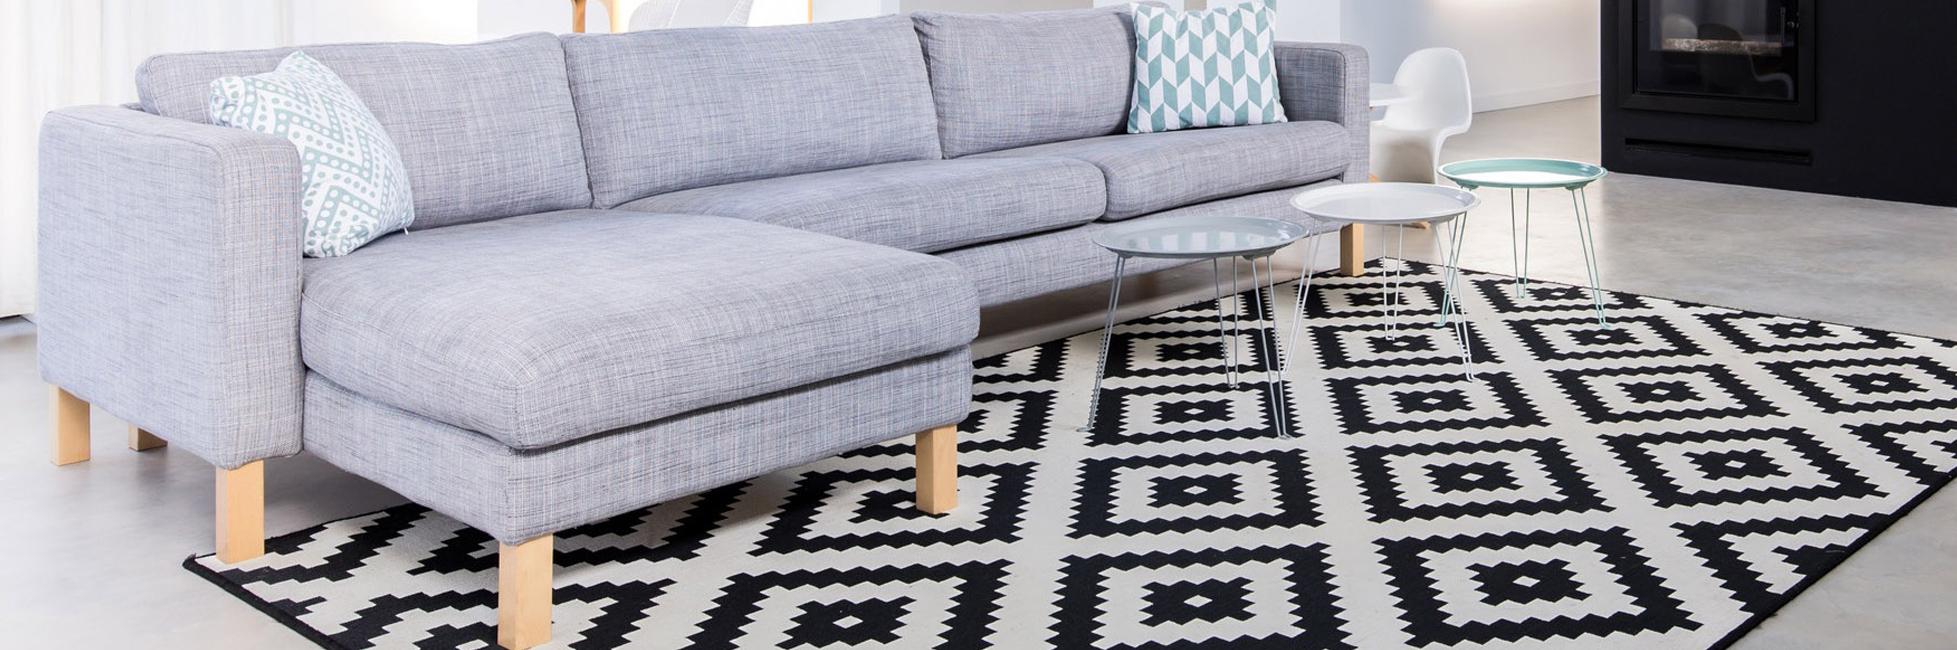 tapis pro nettoyage tapis moquettes canap s et fauteuils en gironde 33. Black Bedroom Furniture Sets. Home Design Ideas